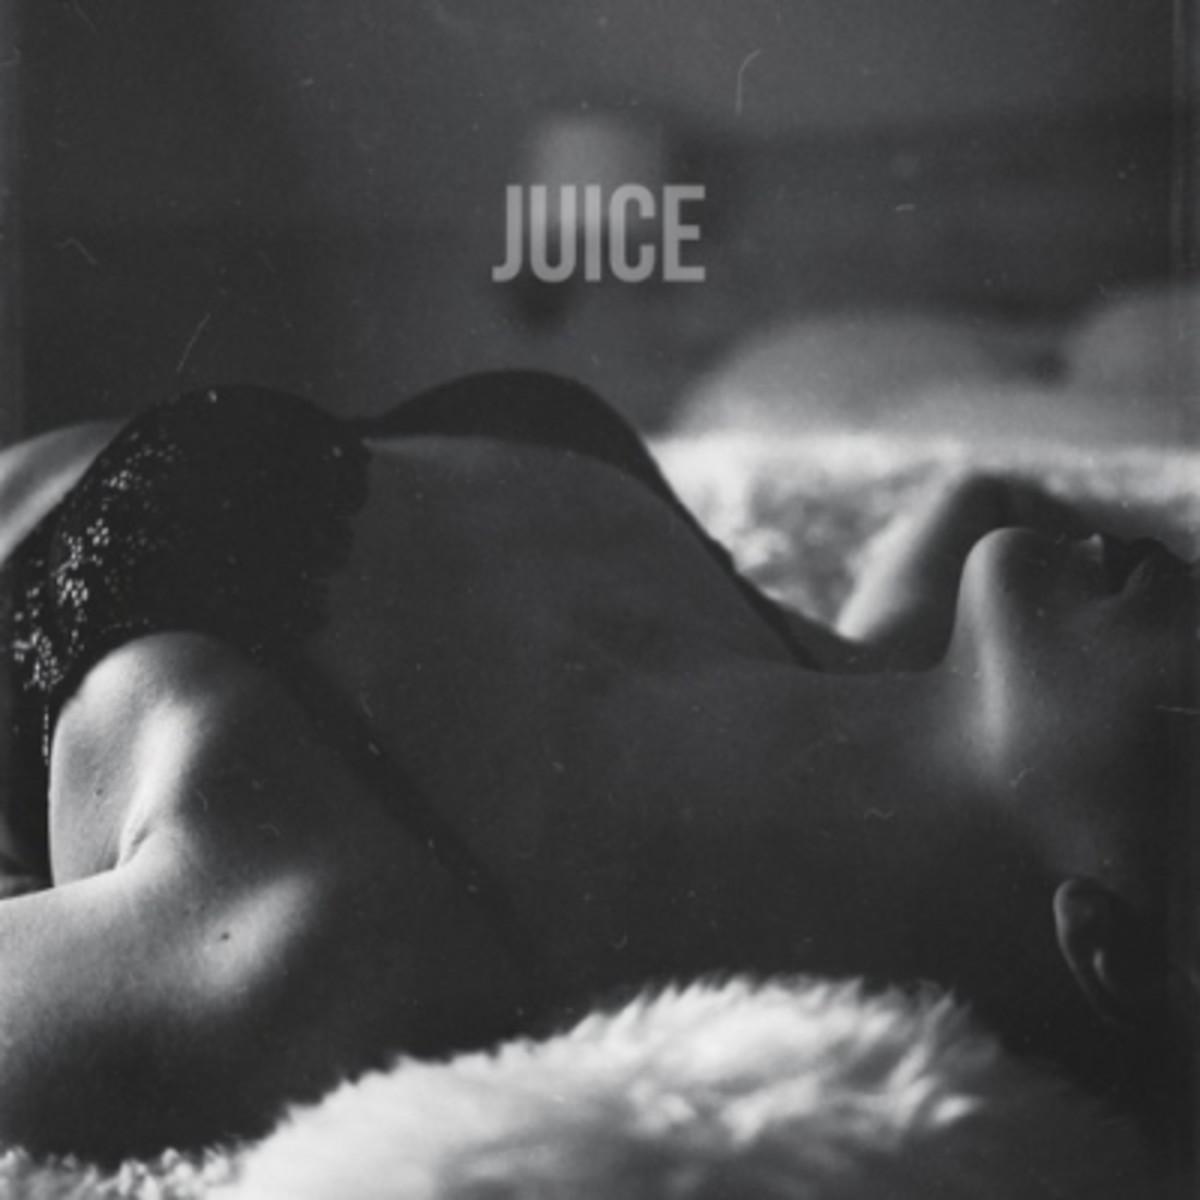 vann-juice.jpg